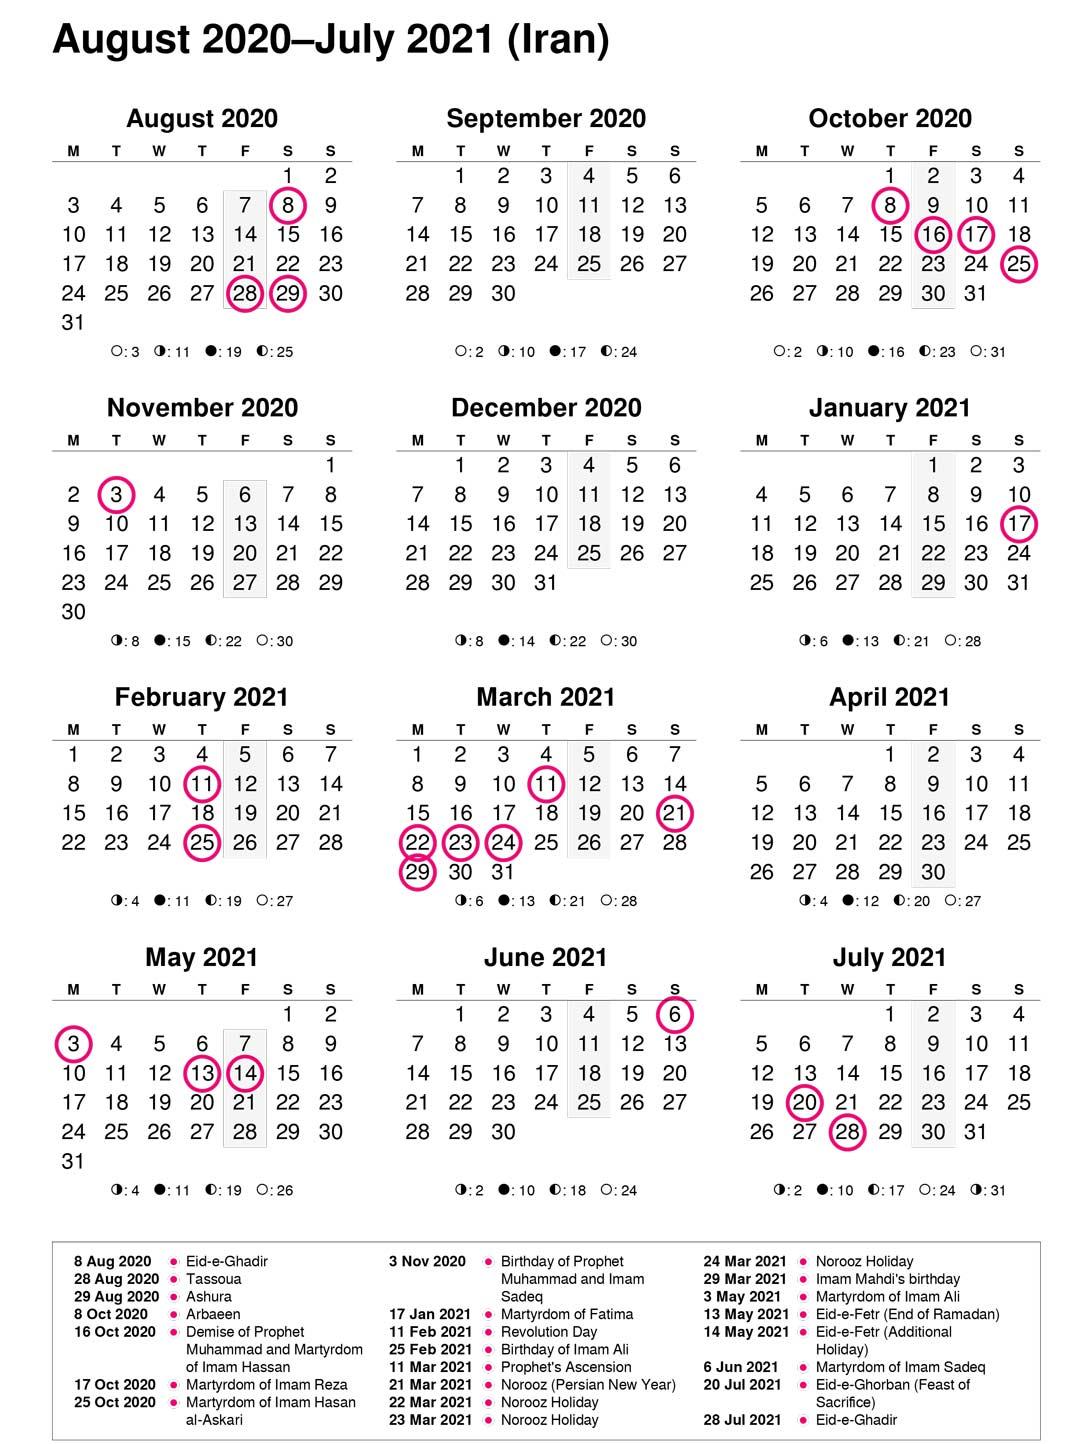 تقویم شمسی ایران 2020-2021